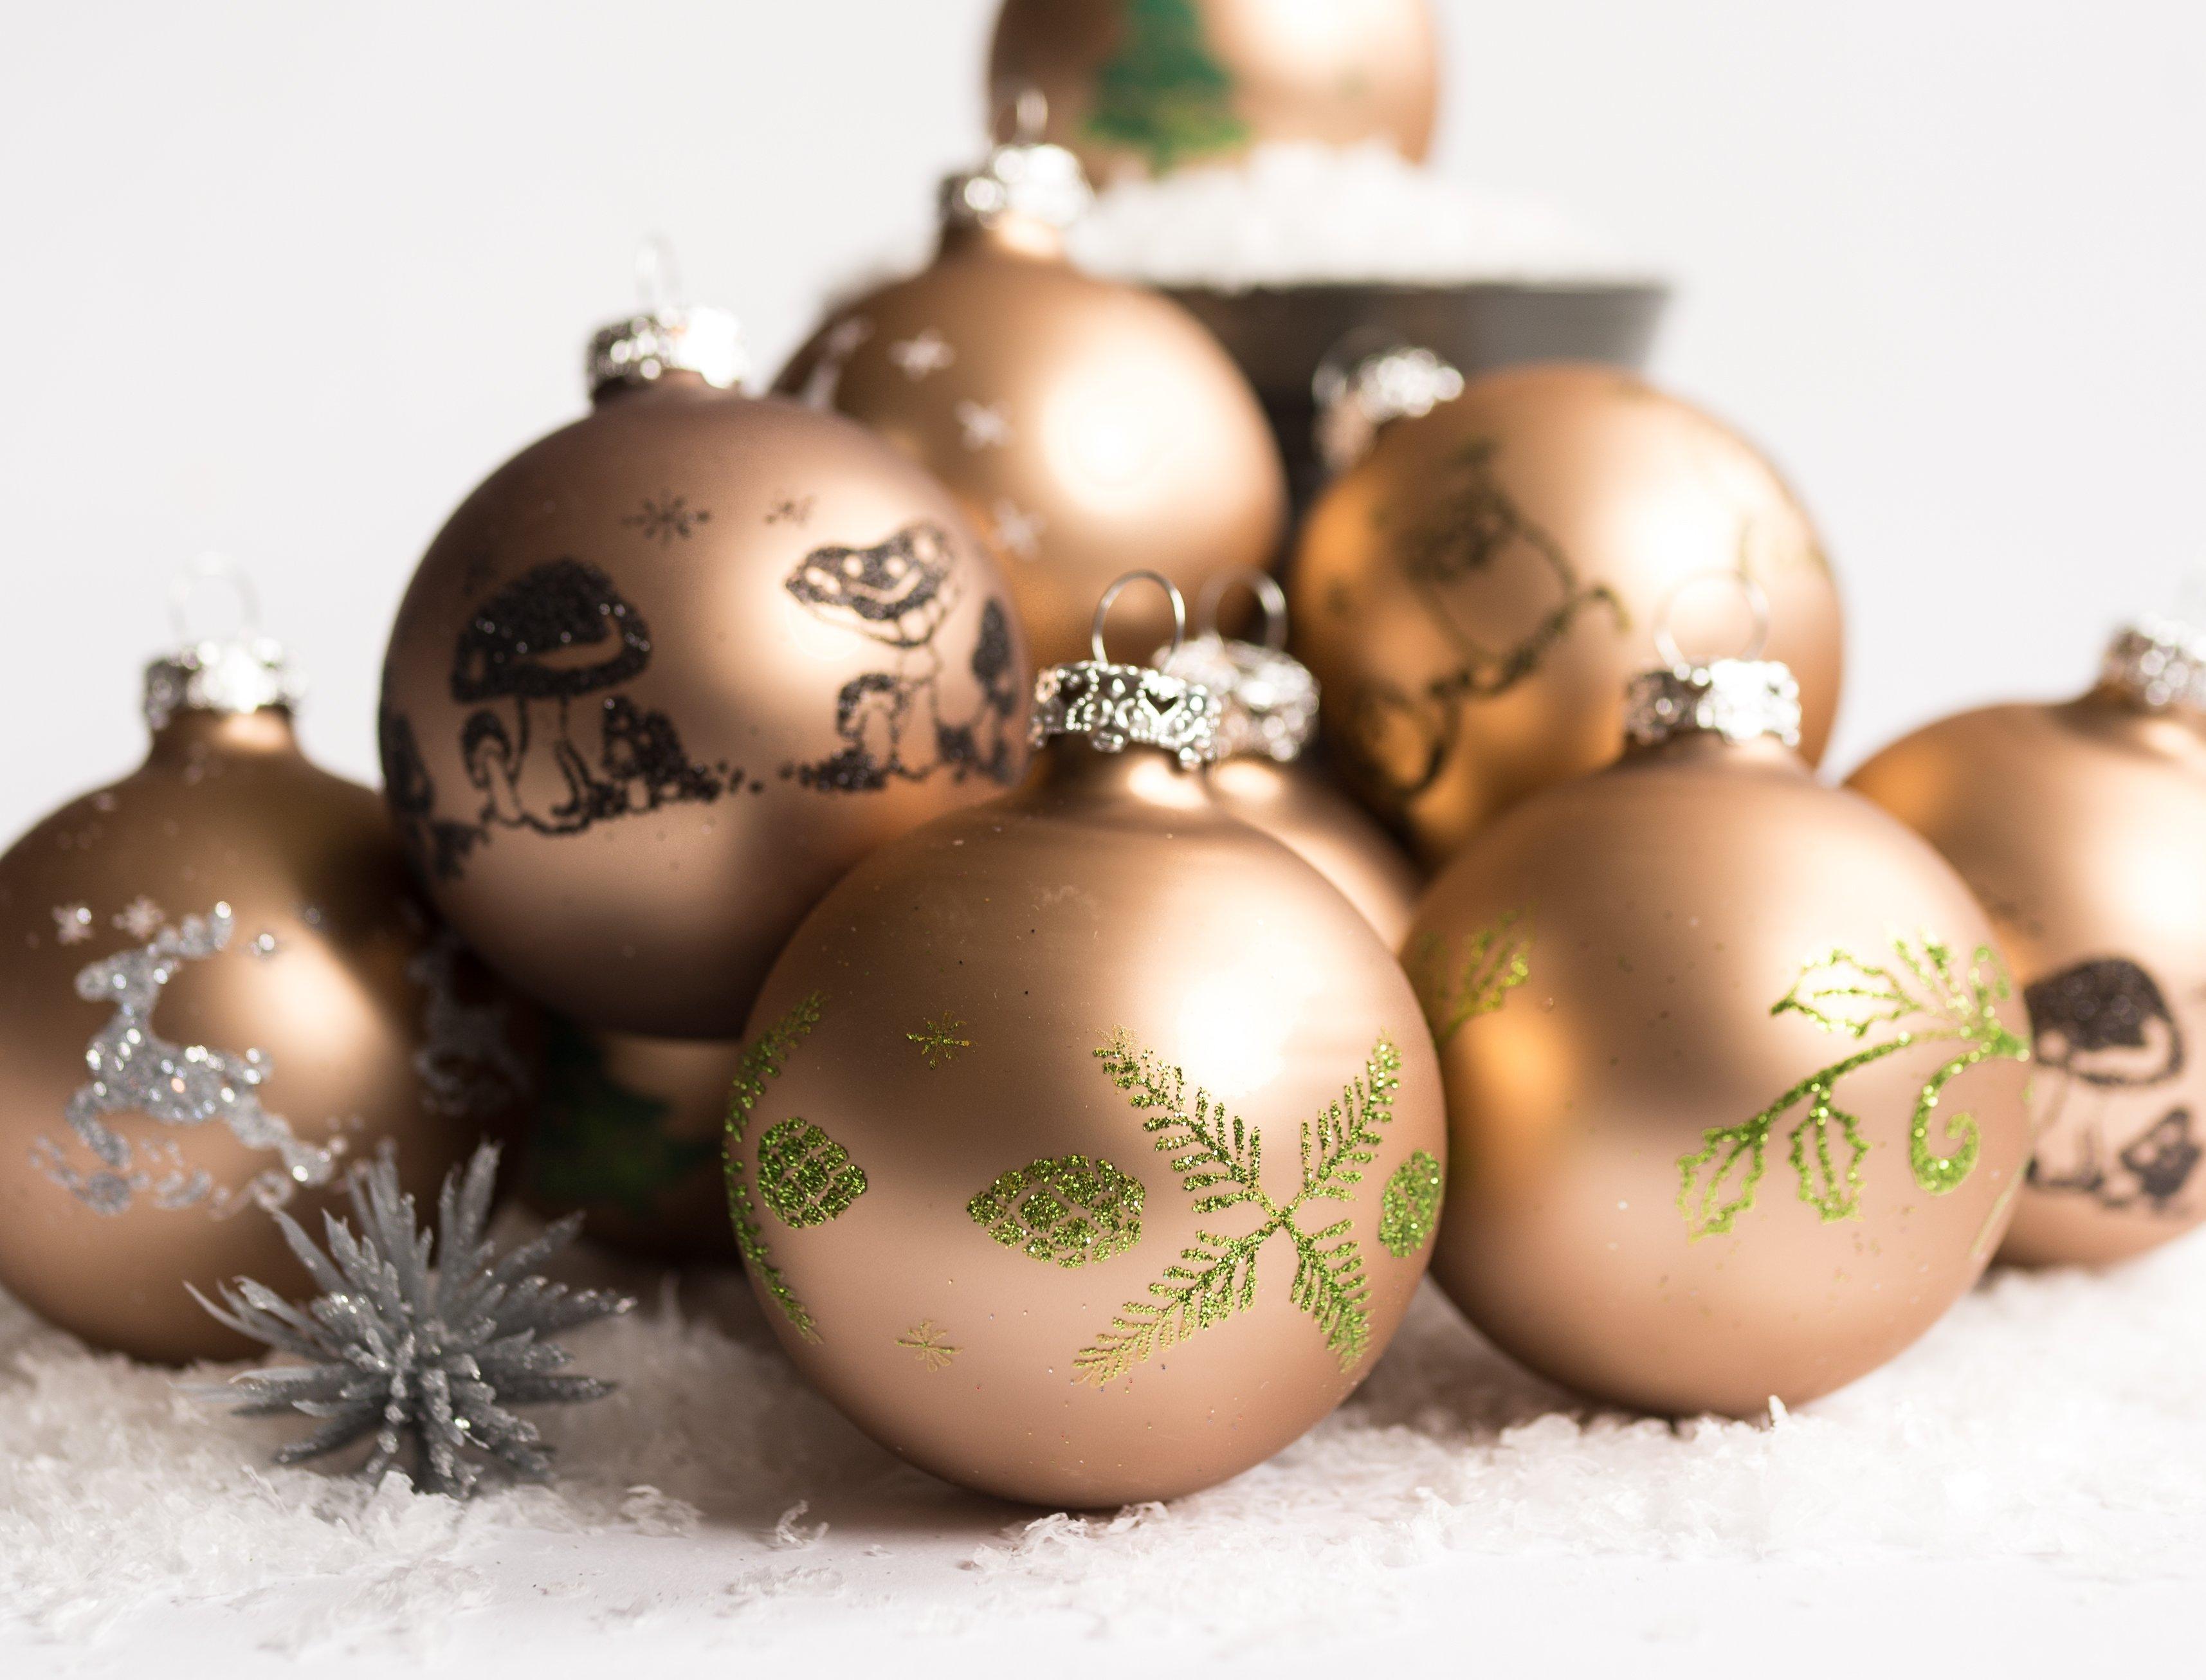 Christbaumkugeln Weiß Gold.Weihnachtskugel Bilder Christbaumschmuck Fotos Kostenlos